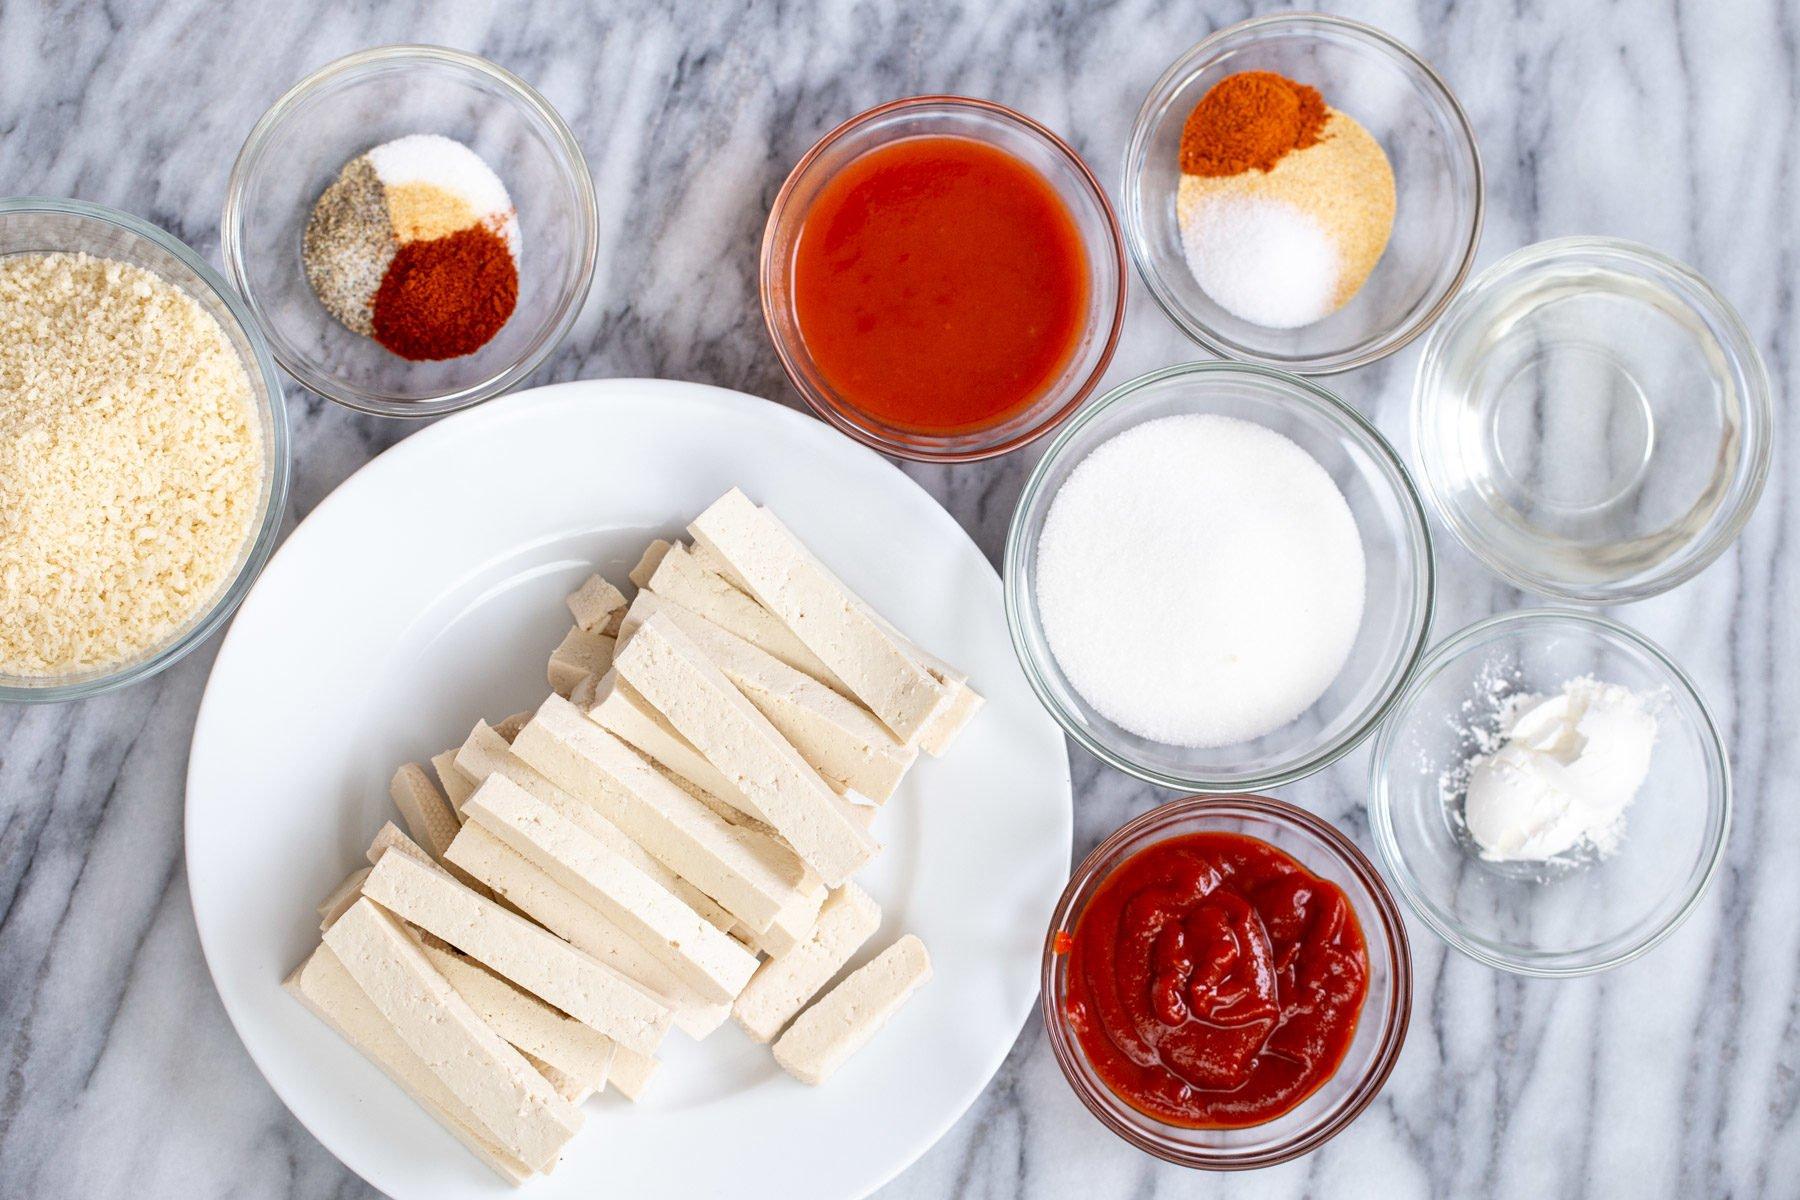 overhead shot of ingredients needed for making vegan firecracker tofu